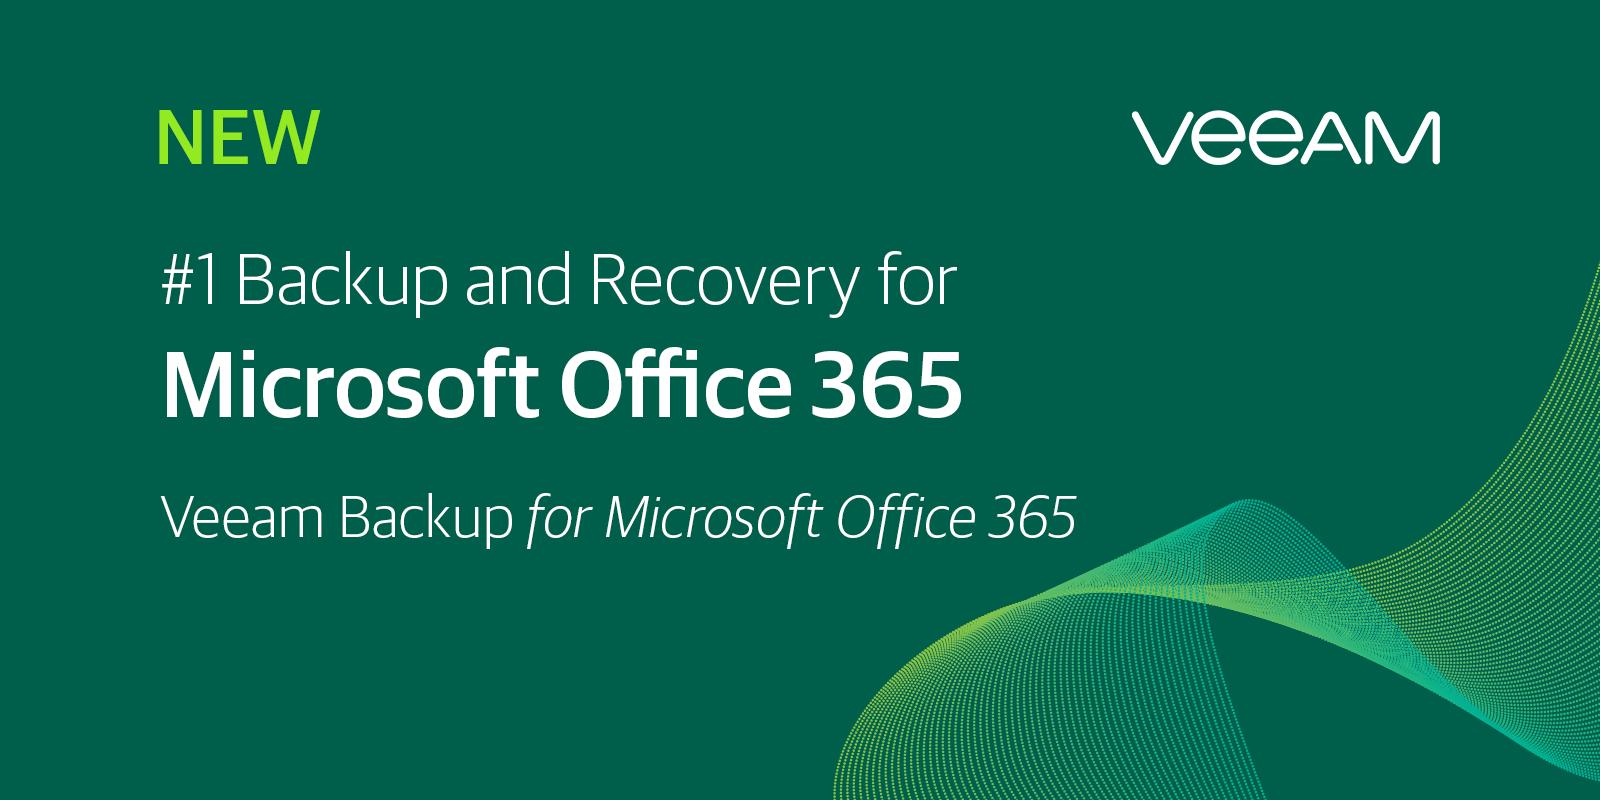 Noua versiune Veeam Backup pentru Microsoft Office 365 Versiunea 2 extinde hiper-disponibilitatea cu protecția datelor